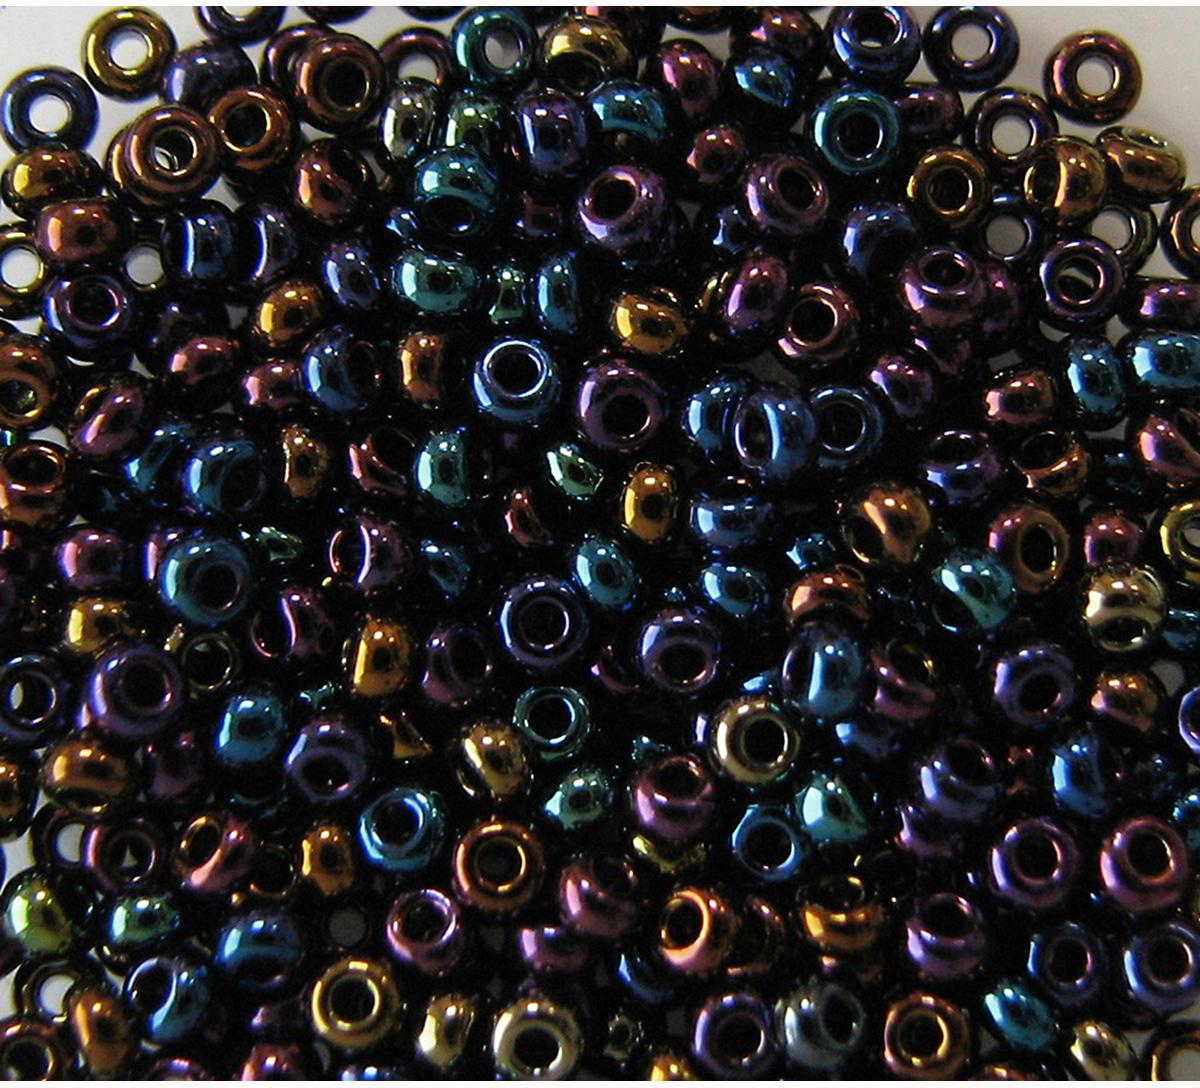 Бисер Preciosa, непрозрачный, радужный, цвет: синий, золотой, фиолетовый (59205), 10/0, 5 г